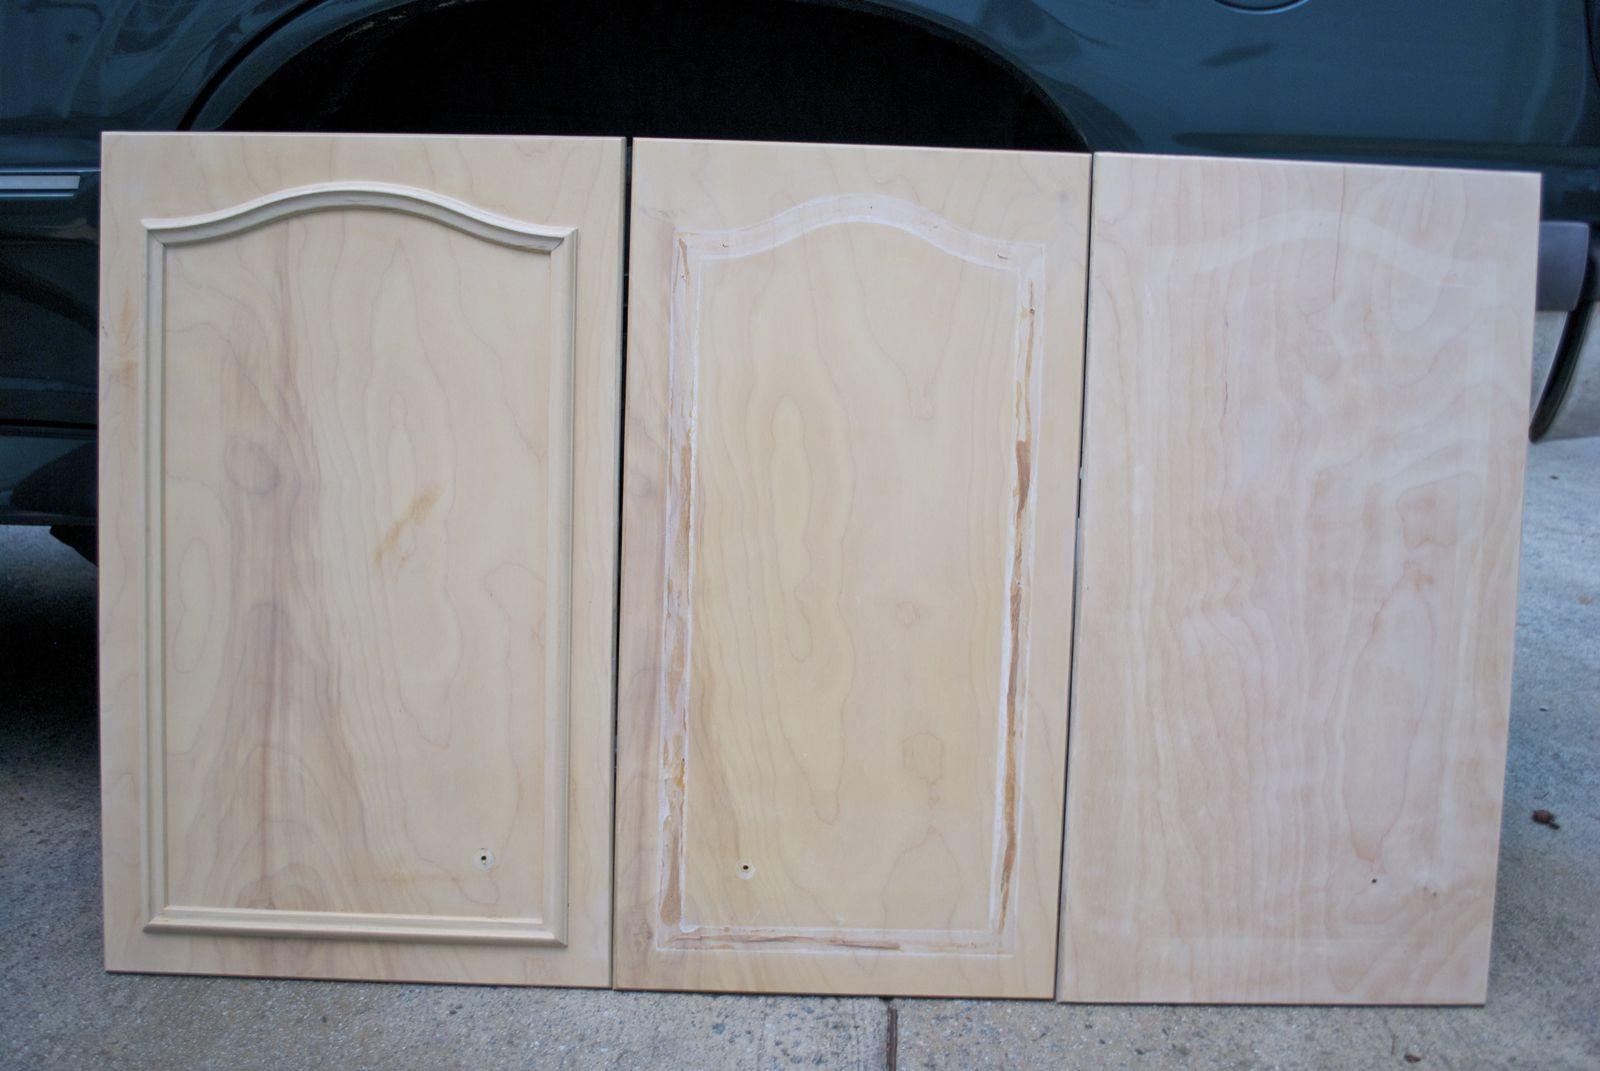 Cabinet Doors Makeover Wood Cabinet Doors Cabinet Doors Shaker Style Cabinet Doors